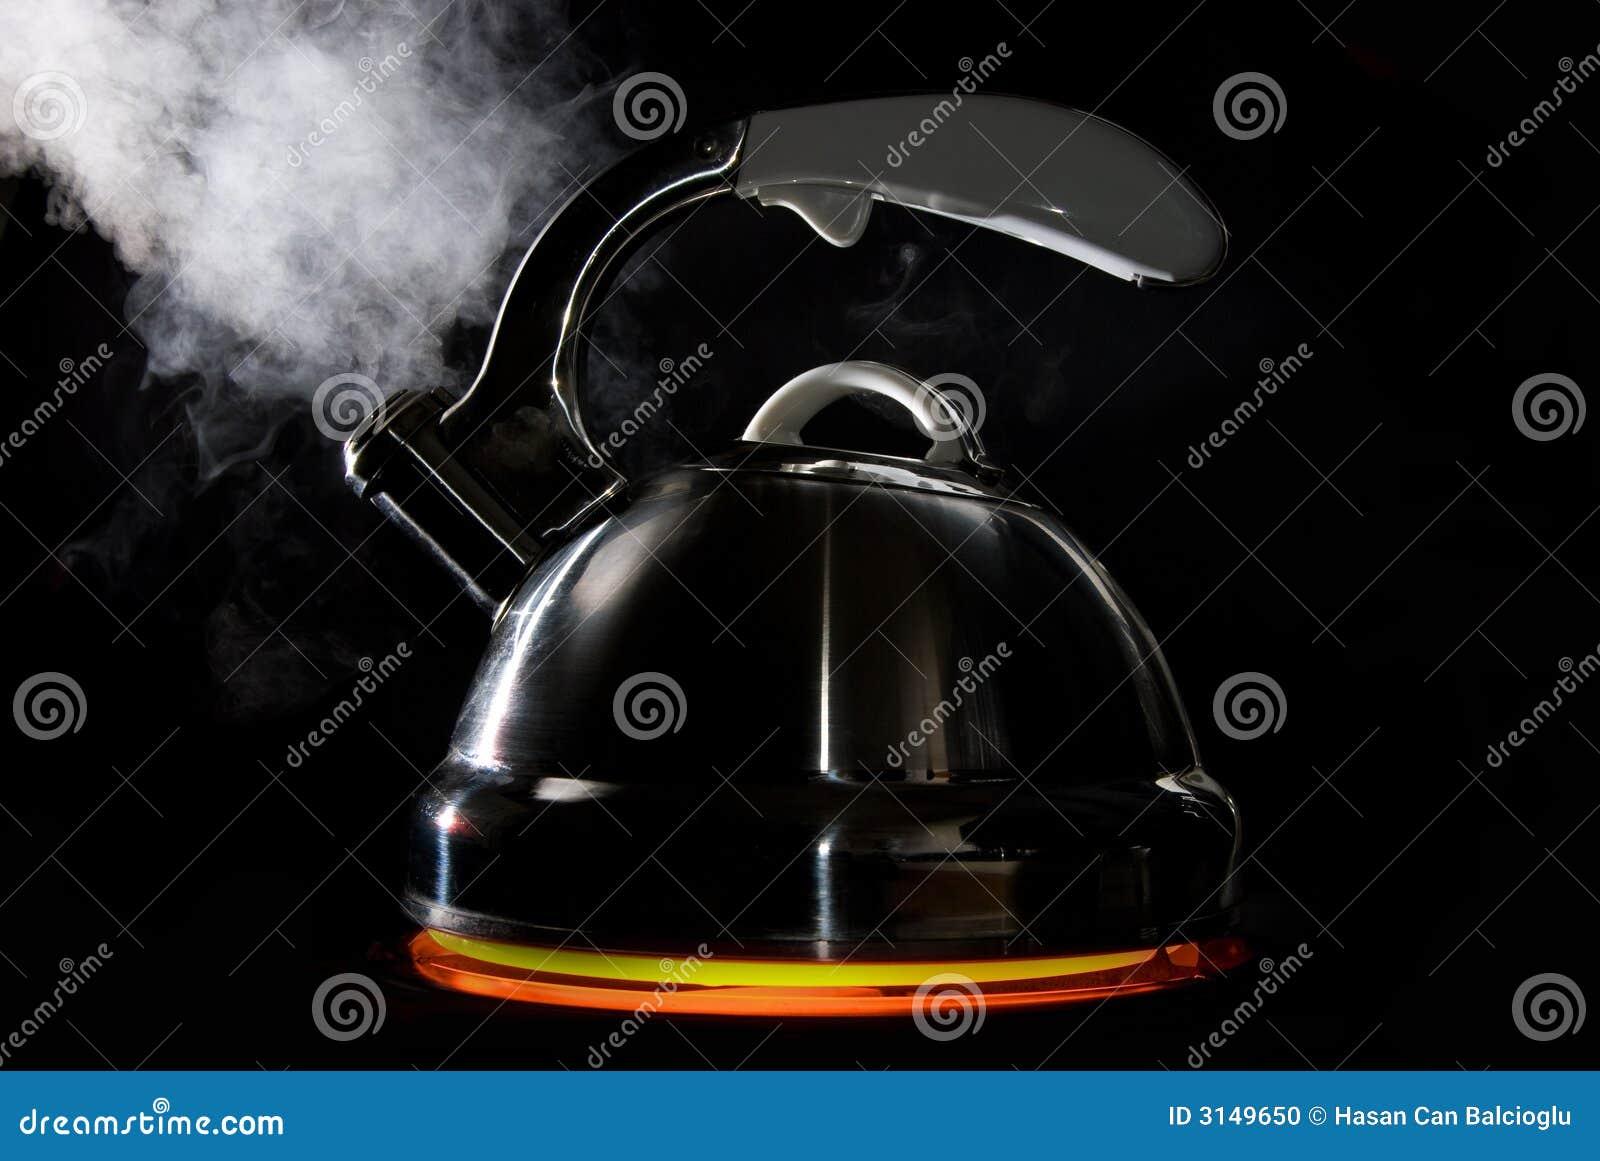 Download Caldaia Di Tè Con Acqua Di Ebollizione Fotografia Stock - Immagine di nero, incandescenza: 3149650